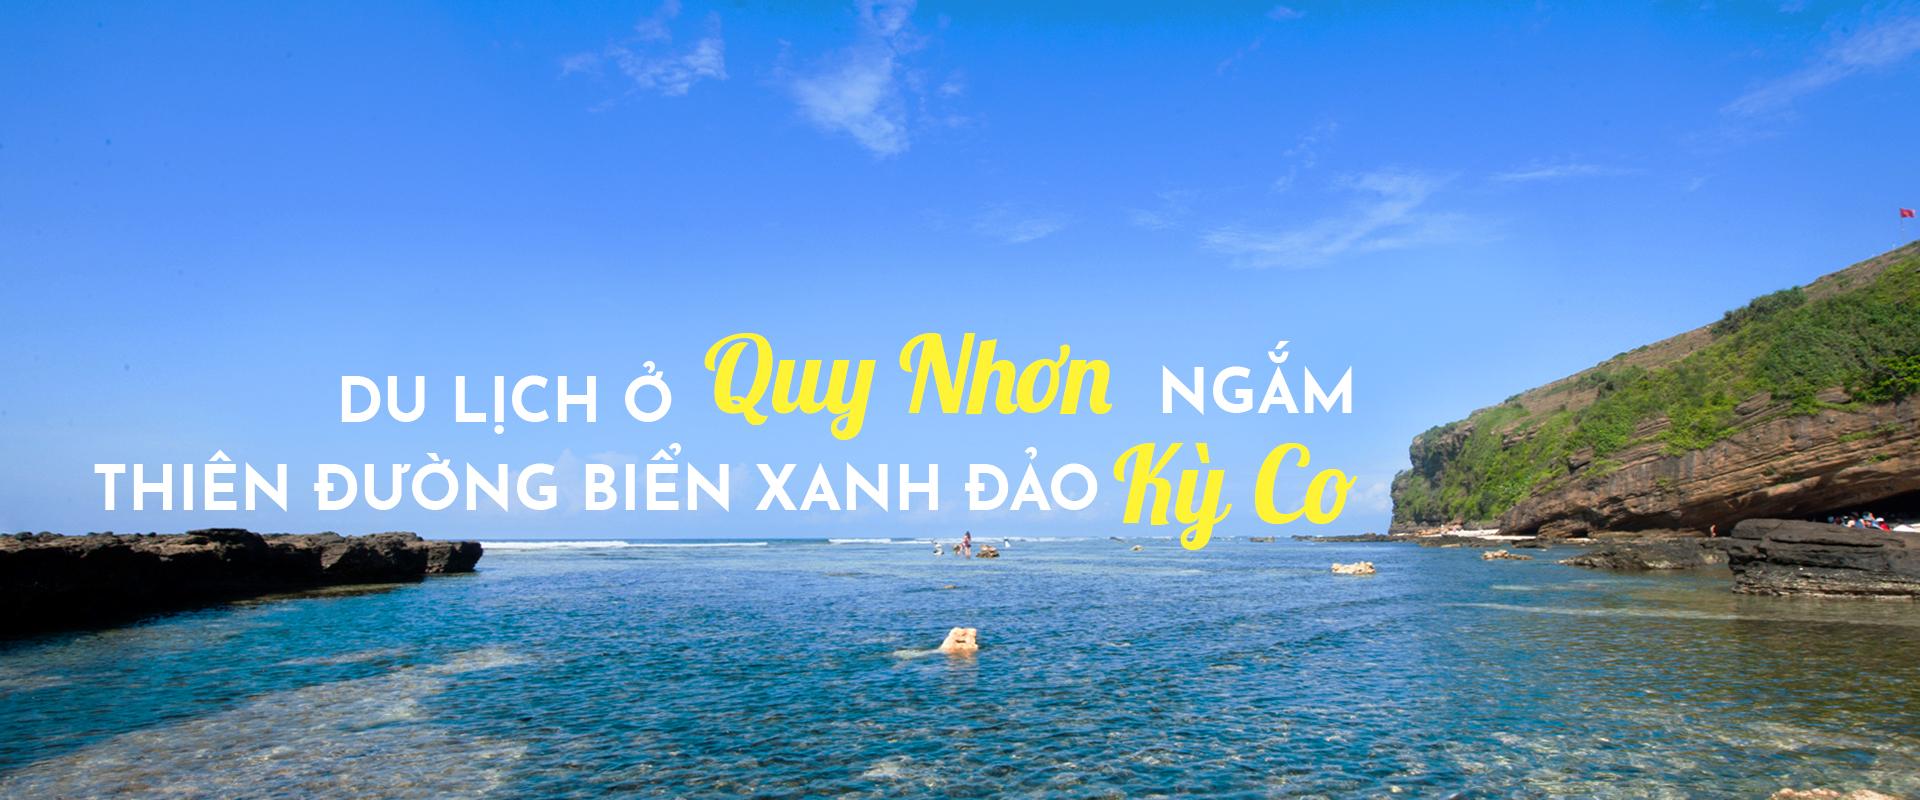 Du lịch ở Quy Nhơn: khám phá thiên đường biển xanh đảo Kỳ Co